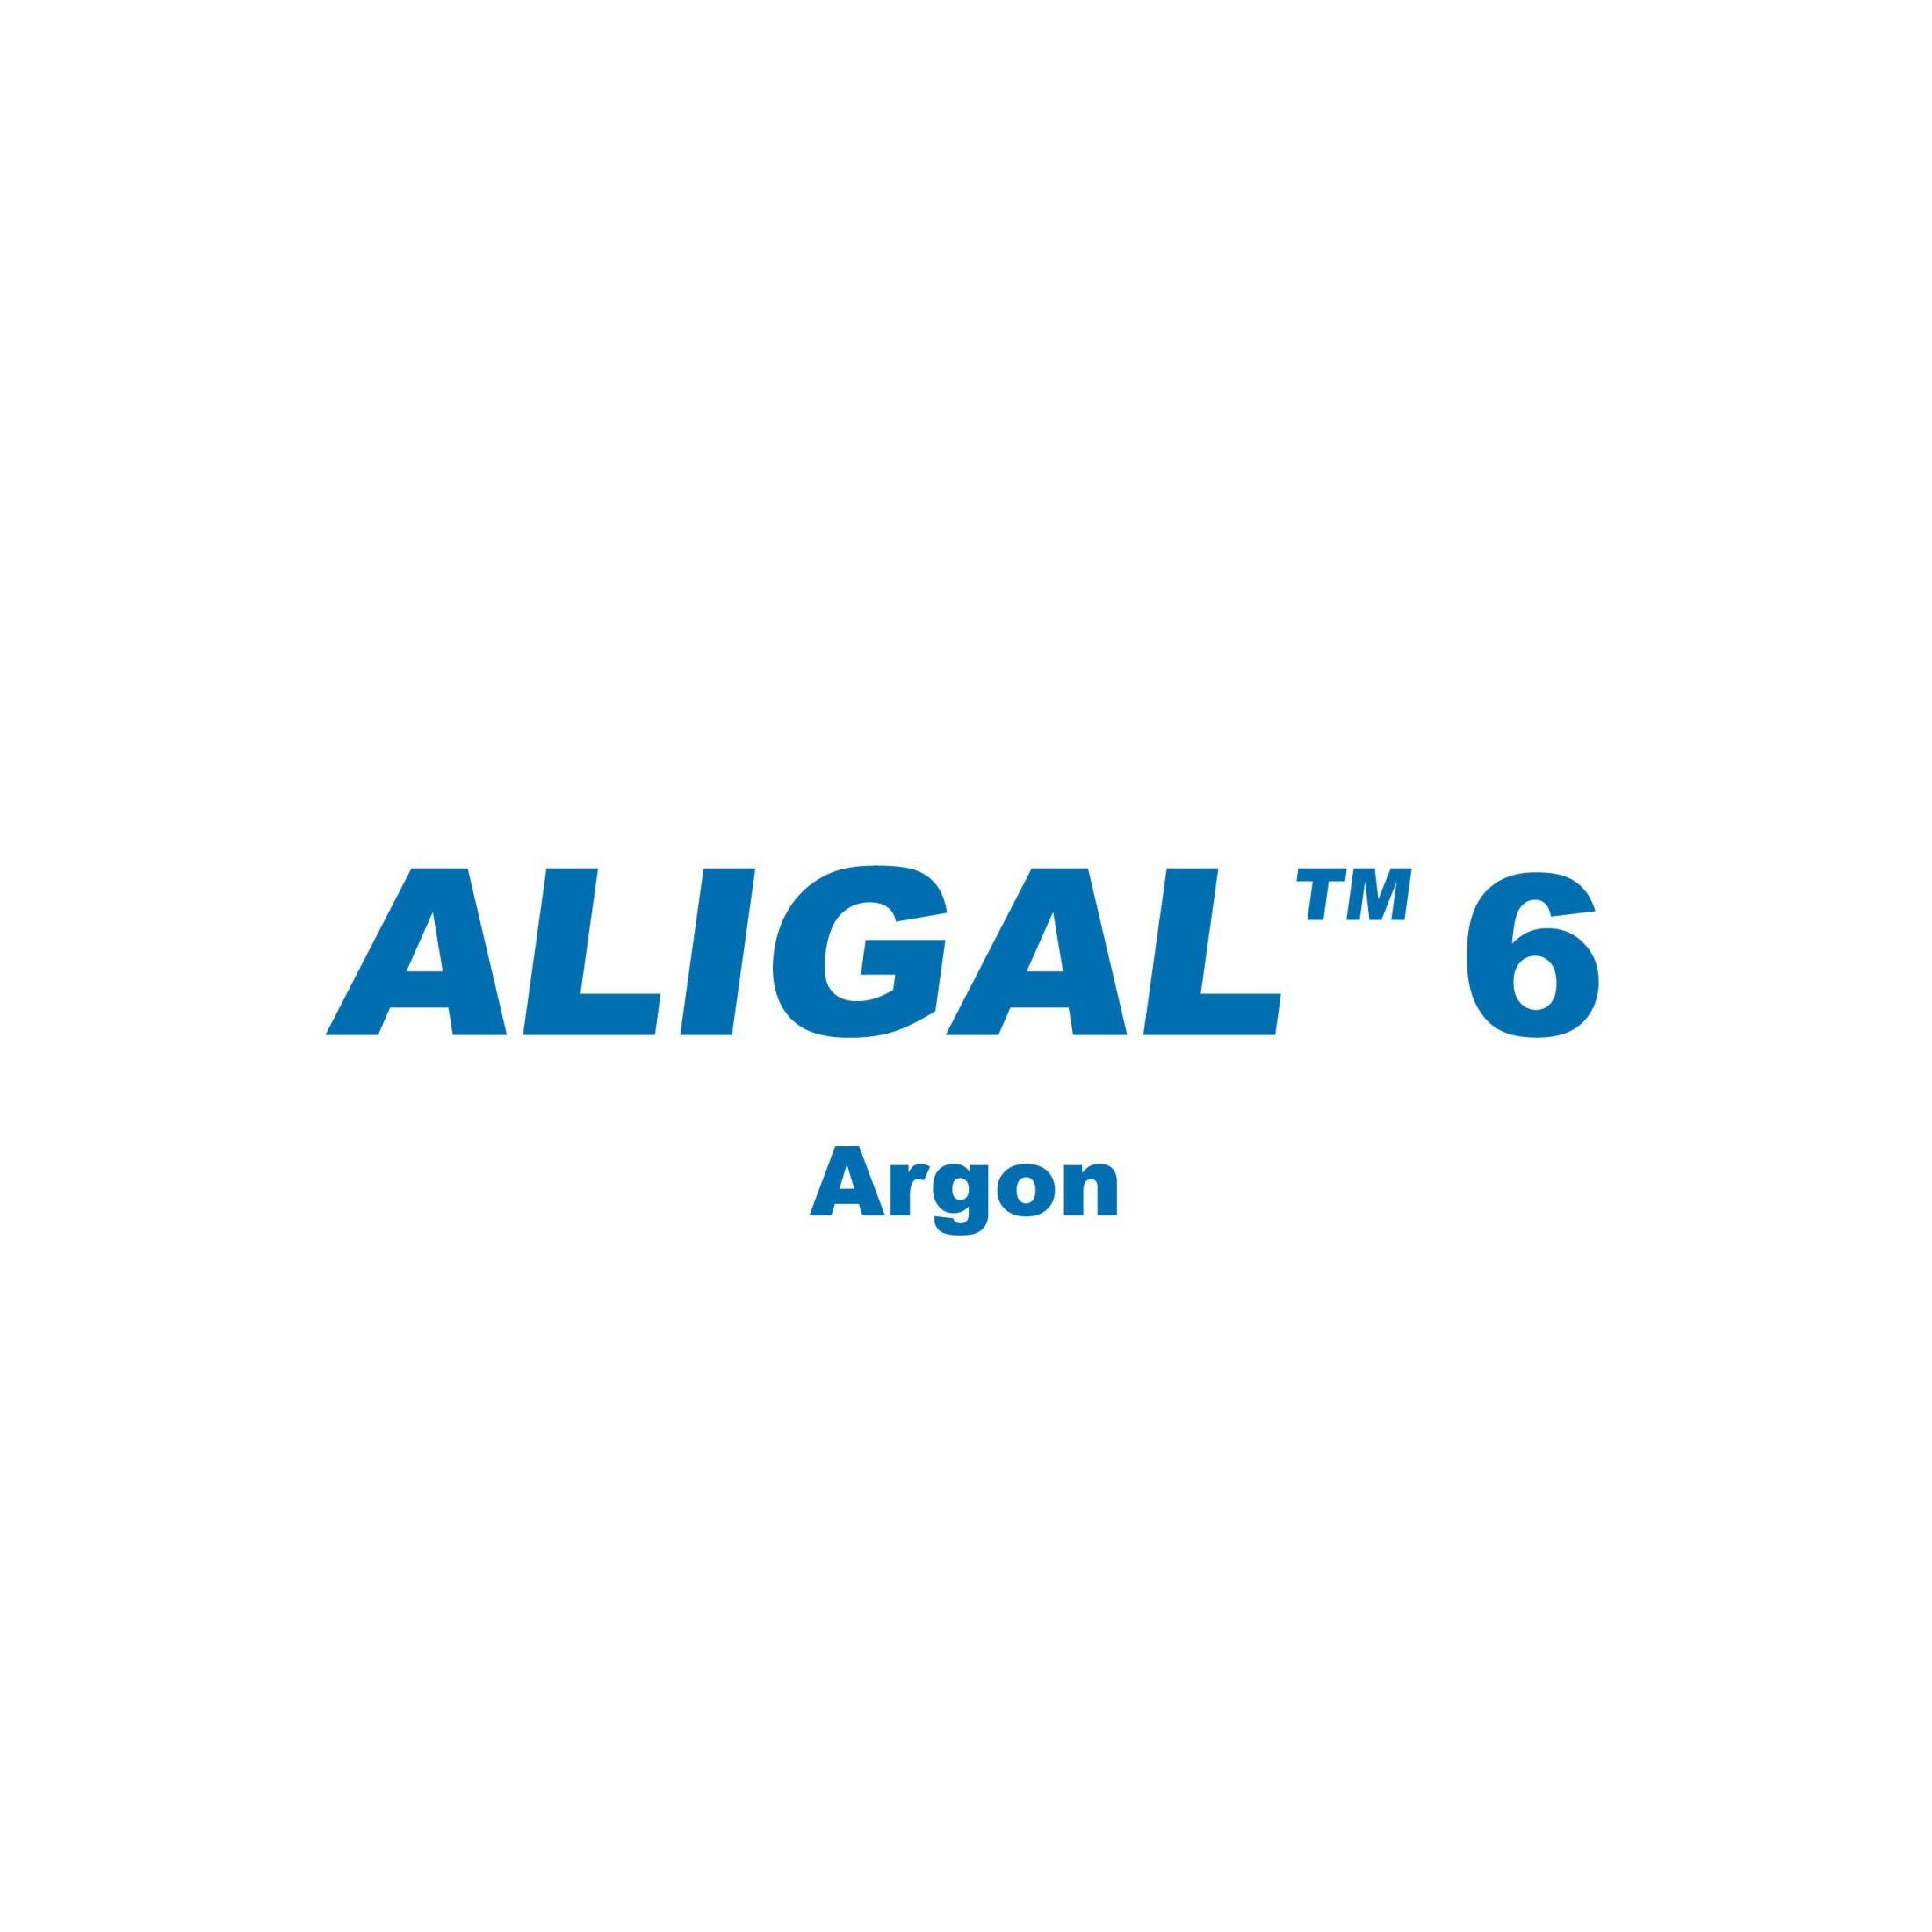 aligal-6-logo